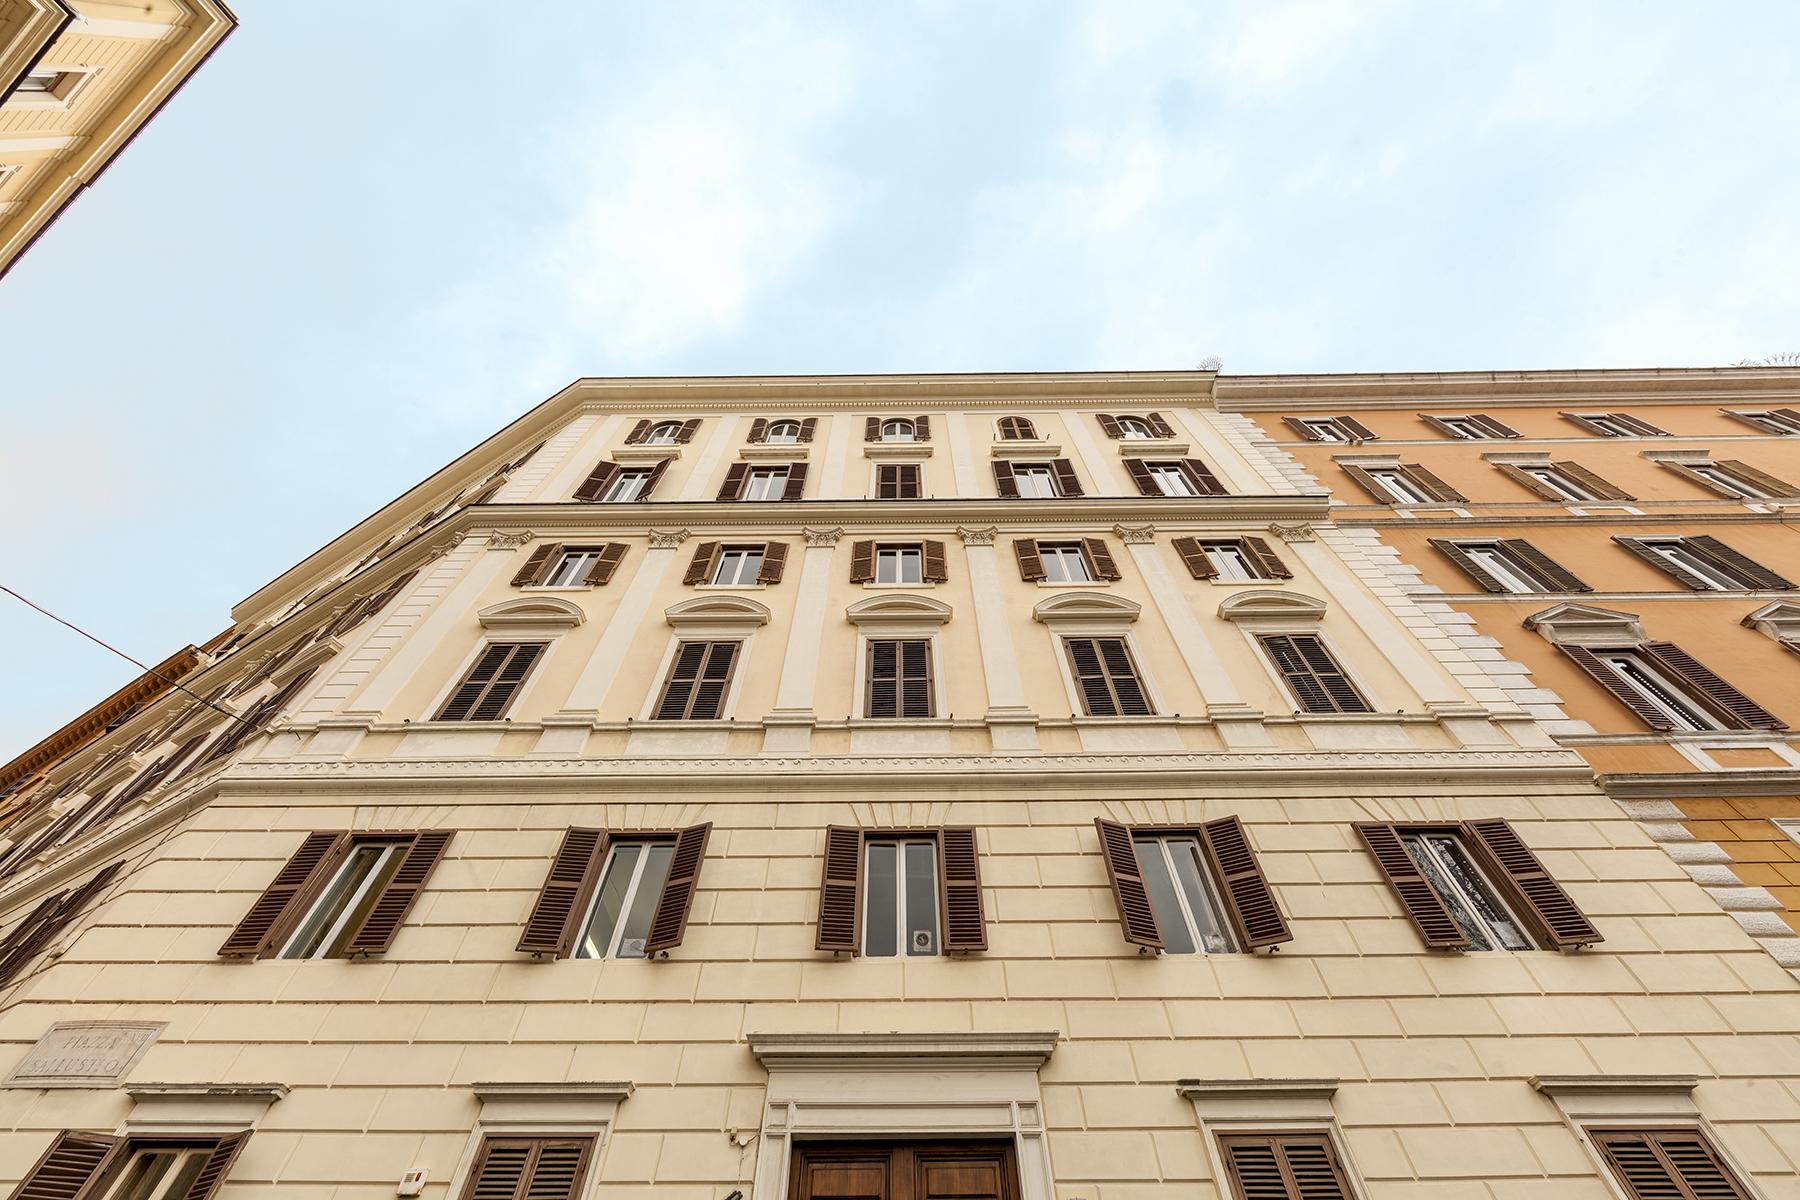 Appartamento in Vendita a Roma 02 Parioli / Pinciano / Flaminio: 5 locali, 130 mq